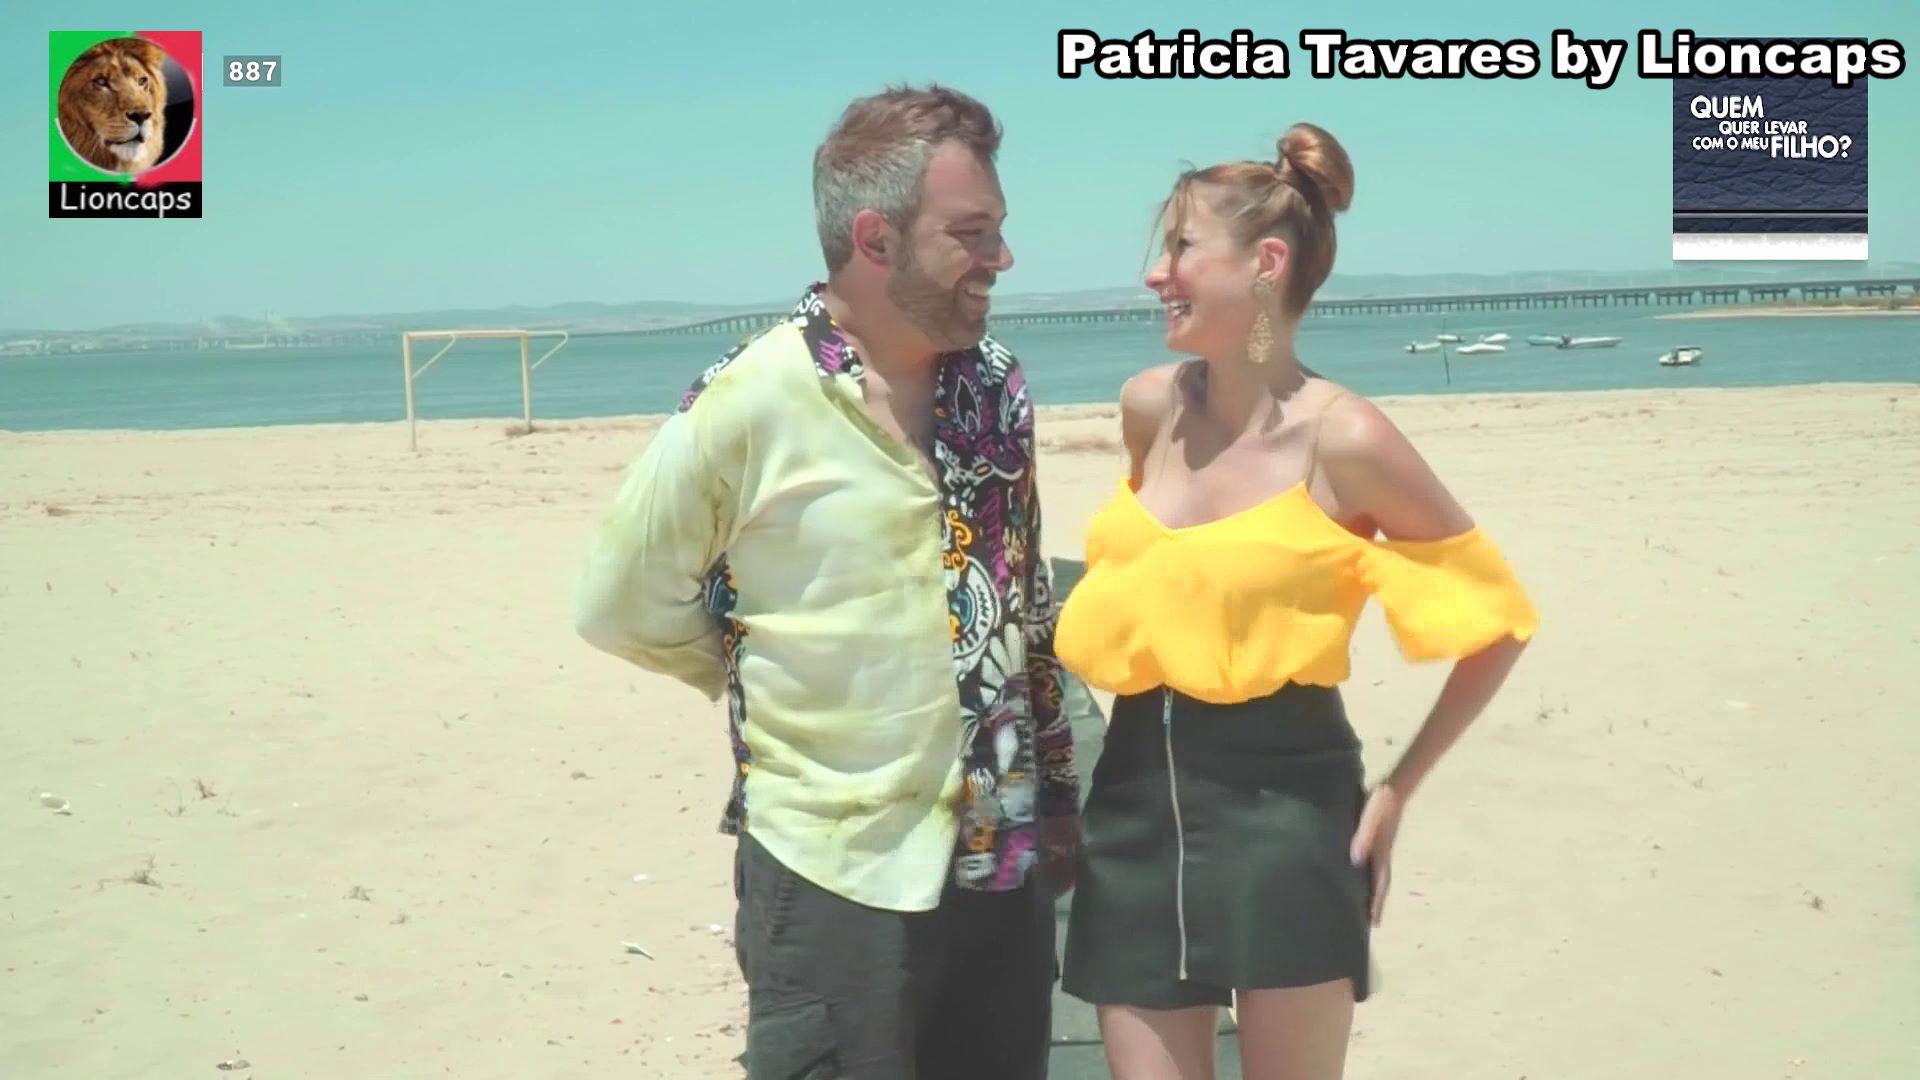 160211822_patricia_tavares_vs200325_1231_122_369lo.JPG